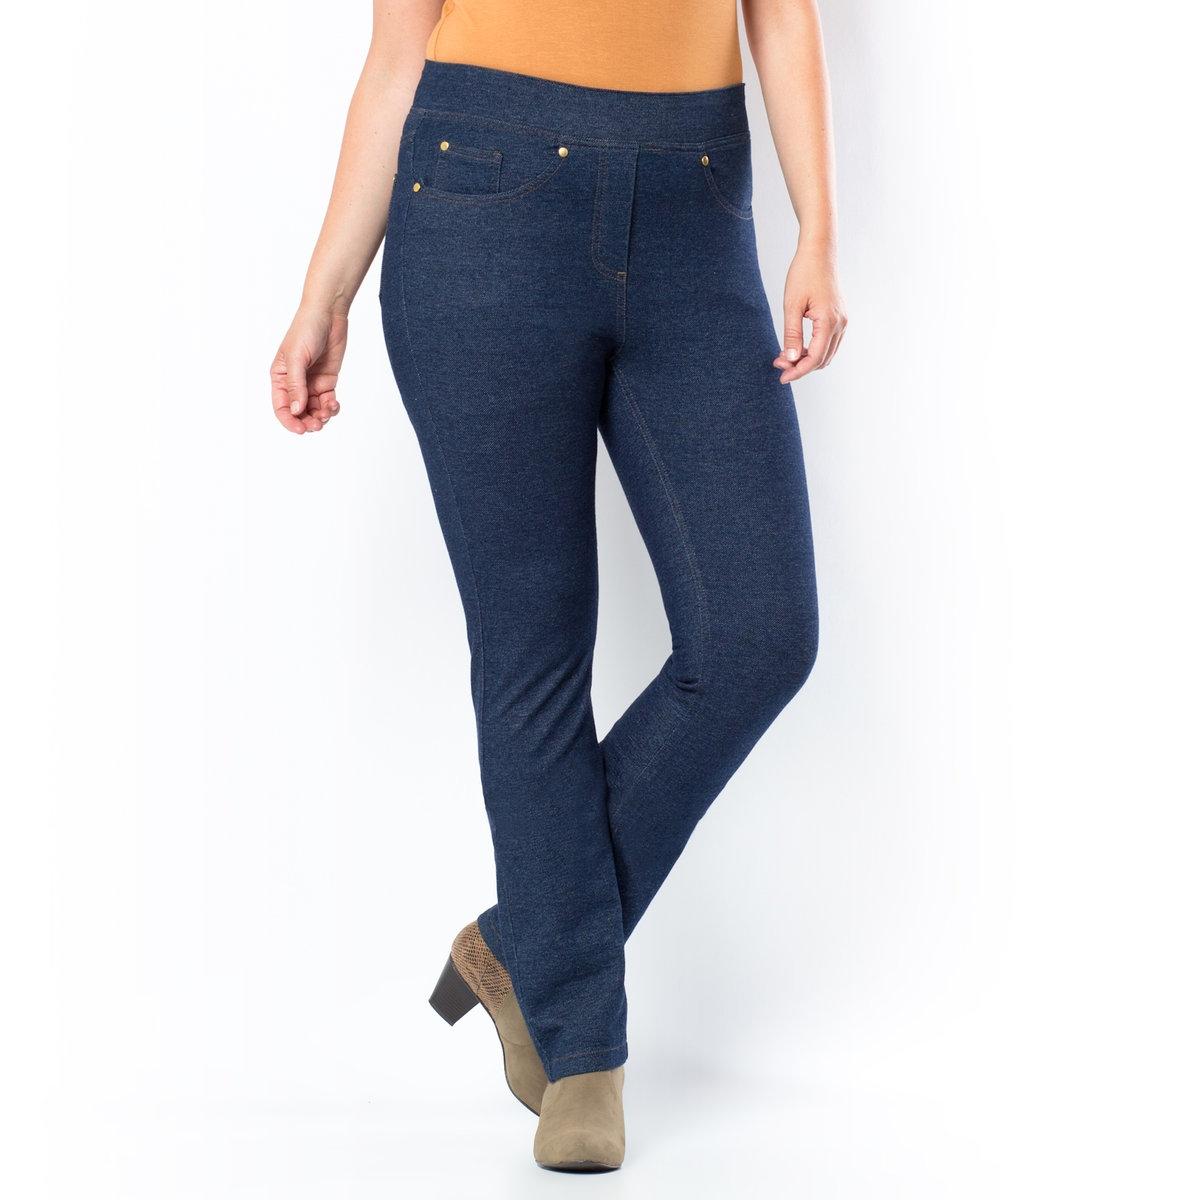 Джинсы прямыеДжинсы прямого кроя. Стиль джинсов и комфорт трикотажной ткани! 5 карманов. Ложные карманы спереди и обычные сзади. Легко надеваются благодаря эластичному поясу. Трикотаж: 97% хлопка, 3% эластана. Длина по внутр.шву 78 см, ширина по низу 17,5 см.<br><br>Цвет: темно-синий<br>Размер: 56 (FR) - 62 (RUS)